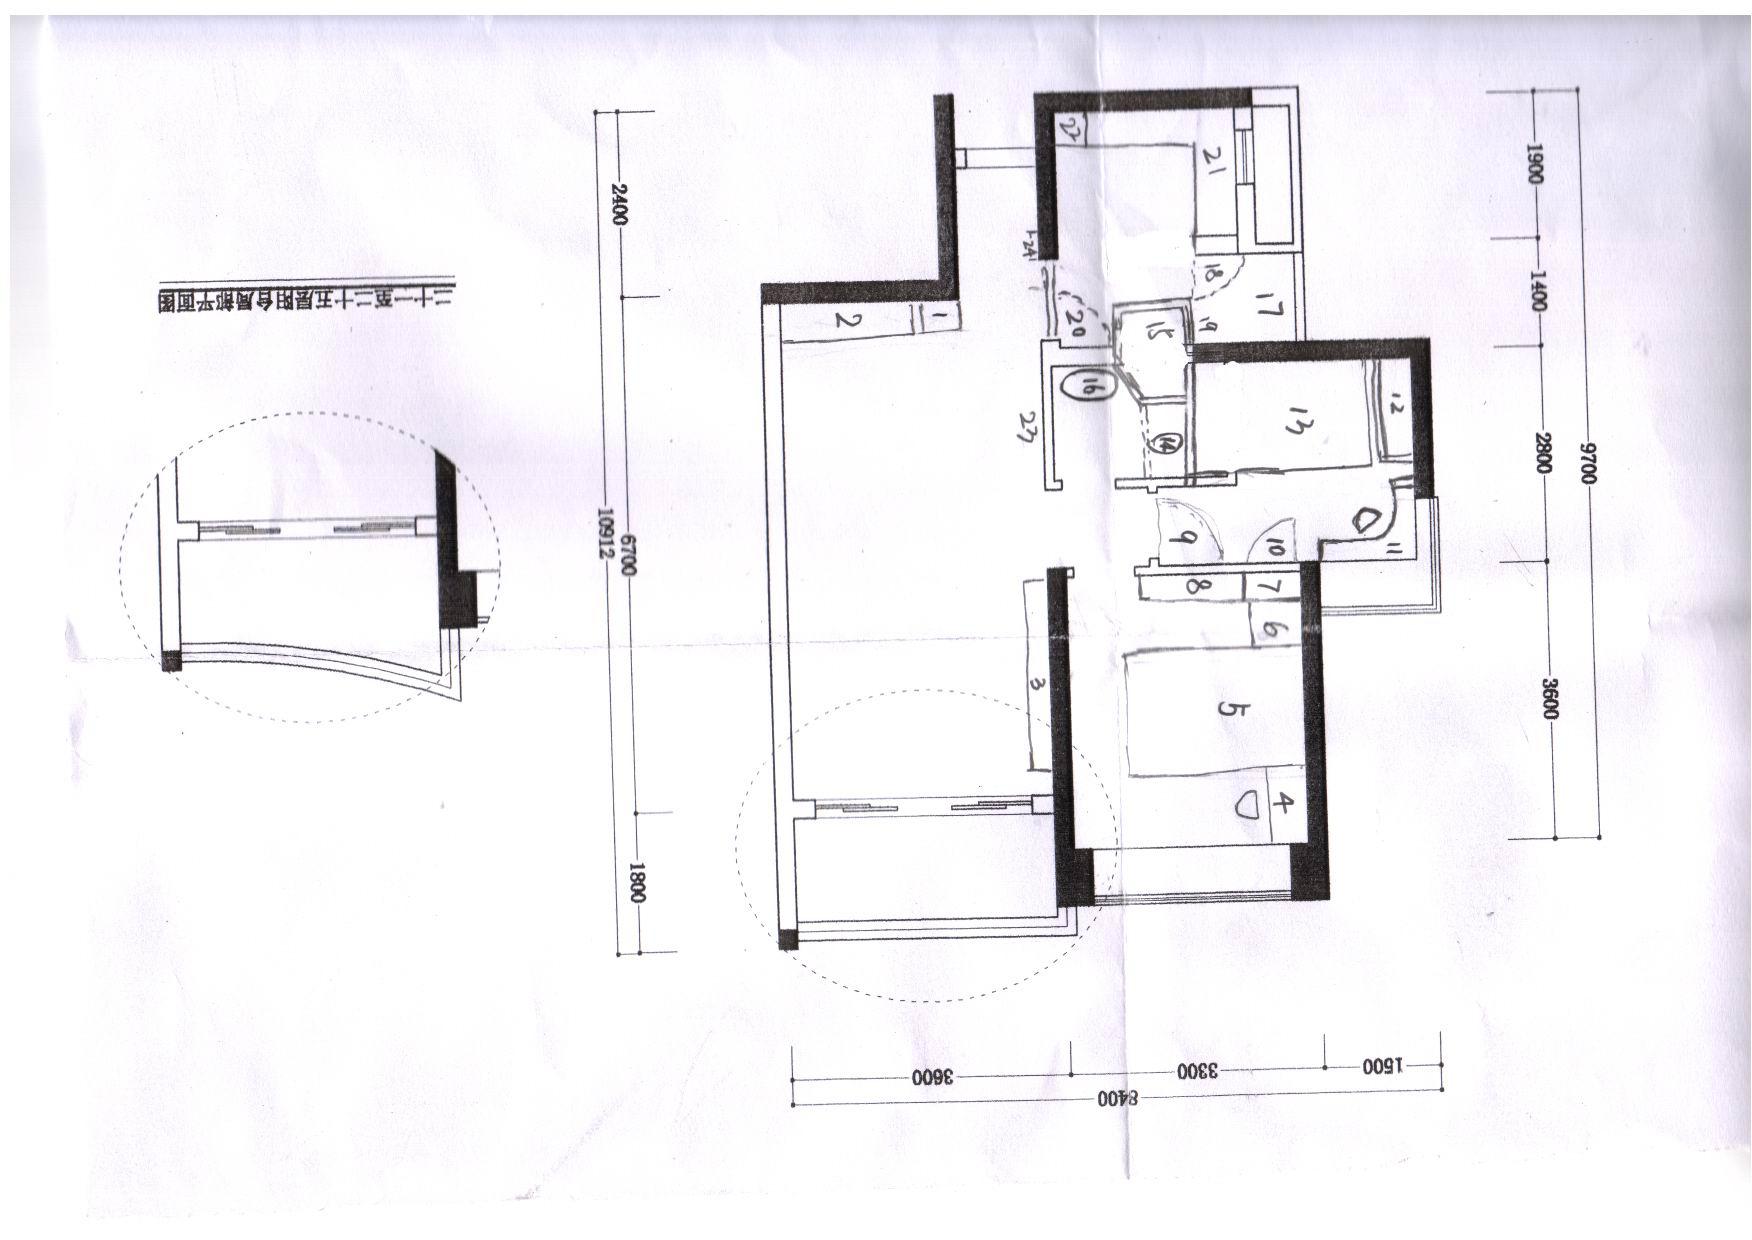 120平米两房出租屋设计图纸